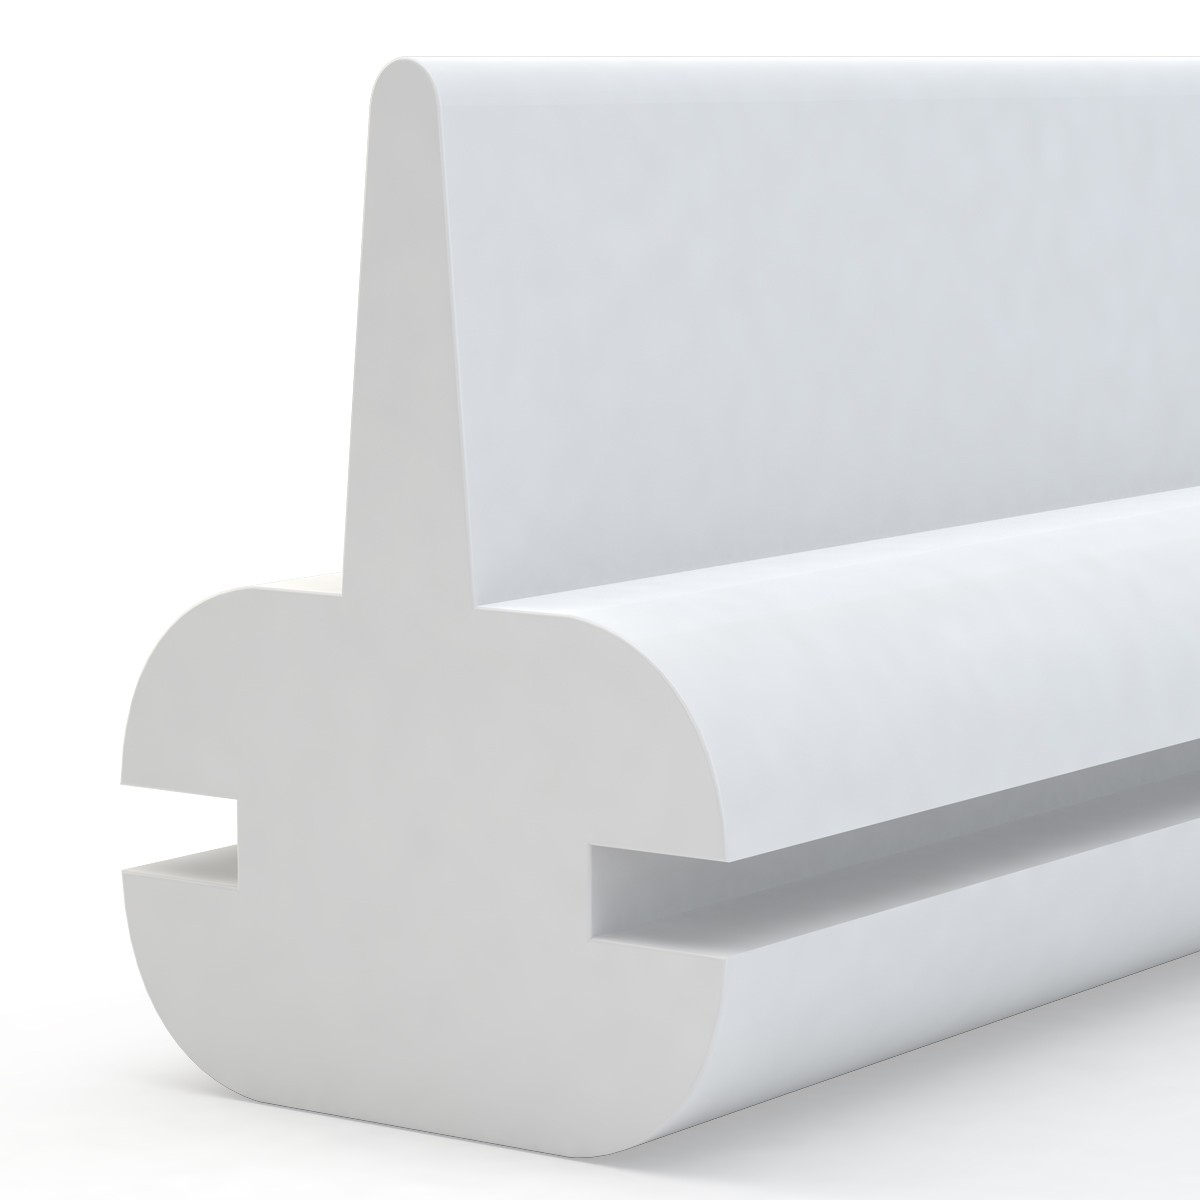 Duscht?rdichtung : Duschdichtung SDD01 Abdichtung Dusche Duscht?rdichtung Dichtband